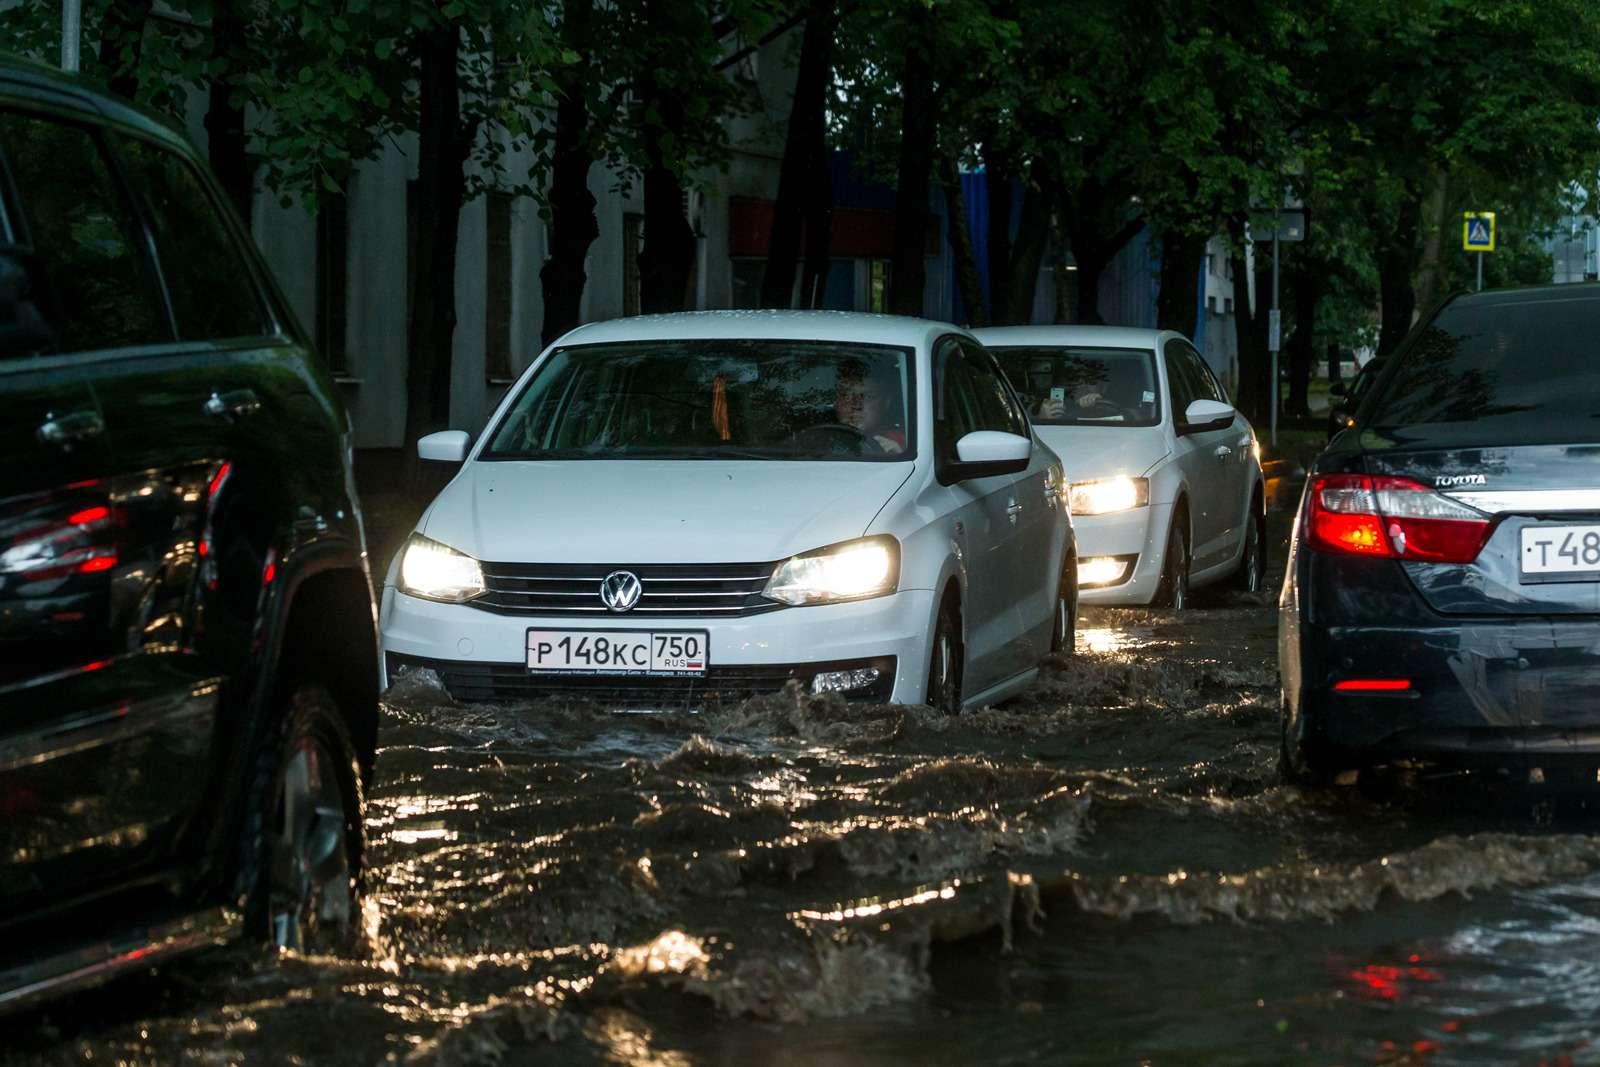 Москву залили дожди, машины поплыли. Фоторепортаж ЗР— фото 770690